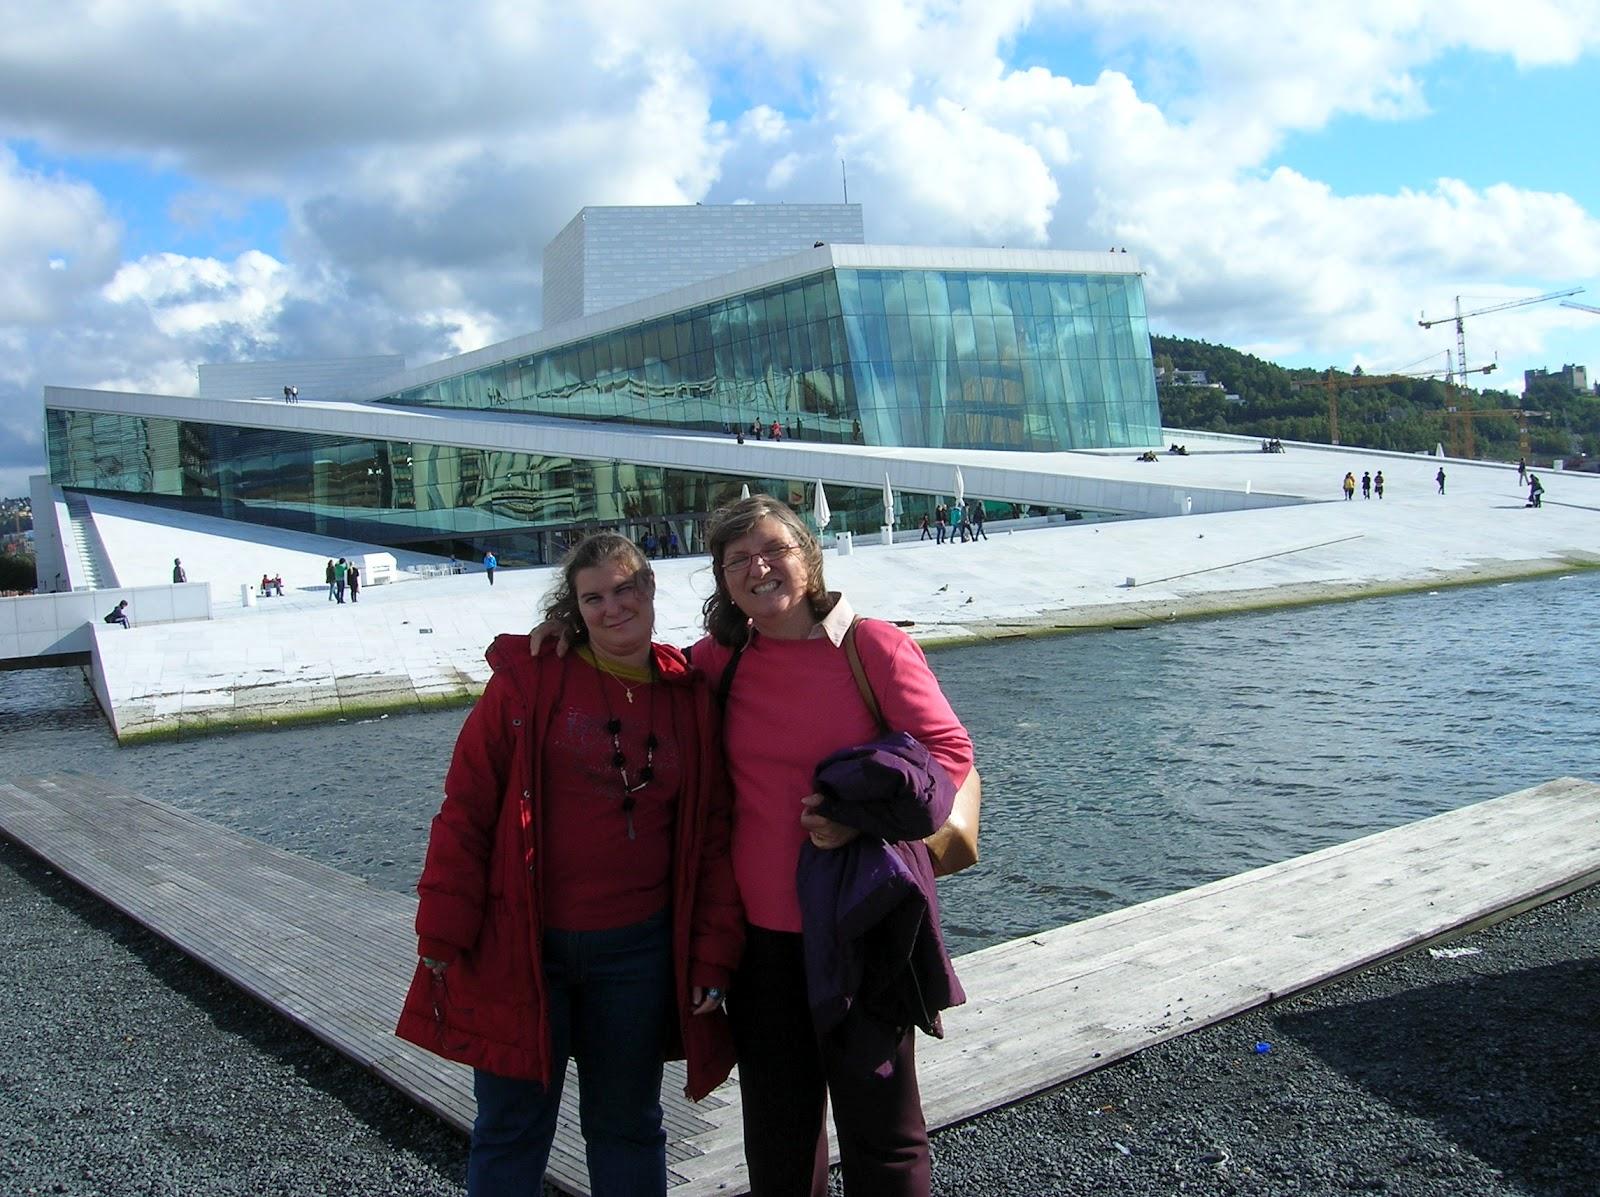 Opera House, oslo, noruega, vuelta al mundo, round the world, información viajes, consejos, fotos, guía, diario, excursiones